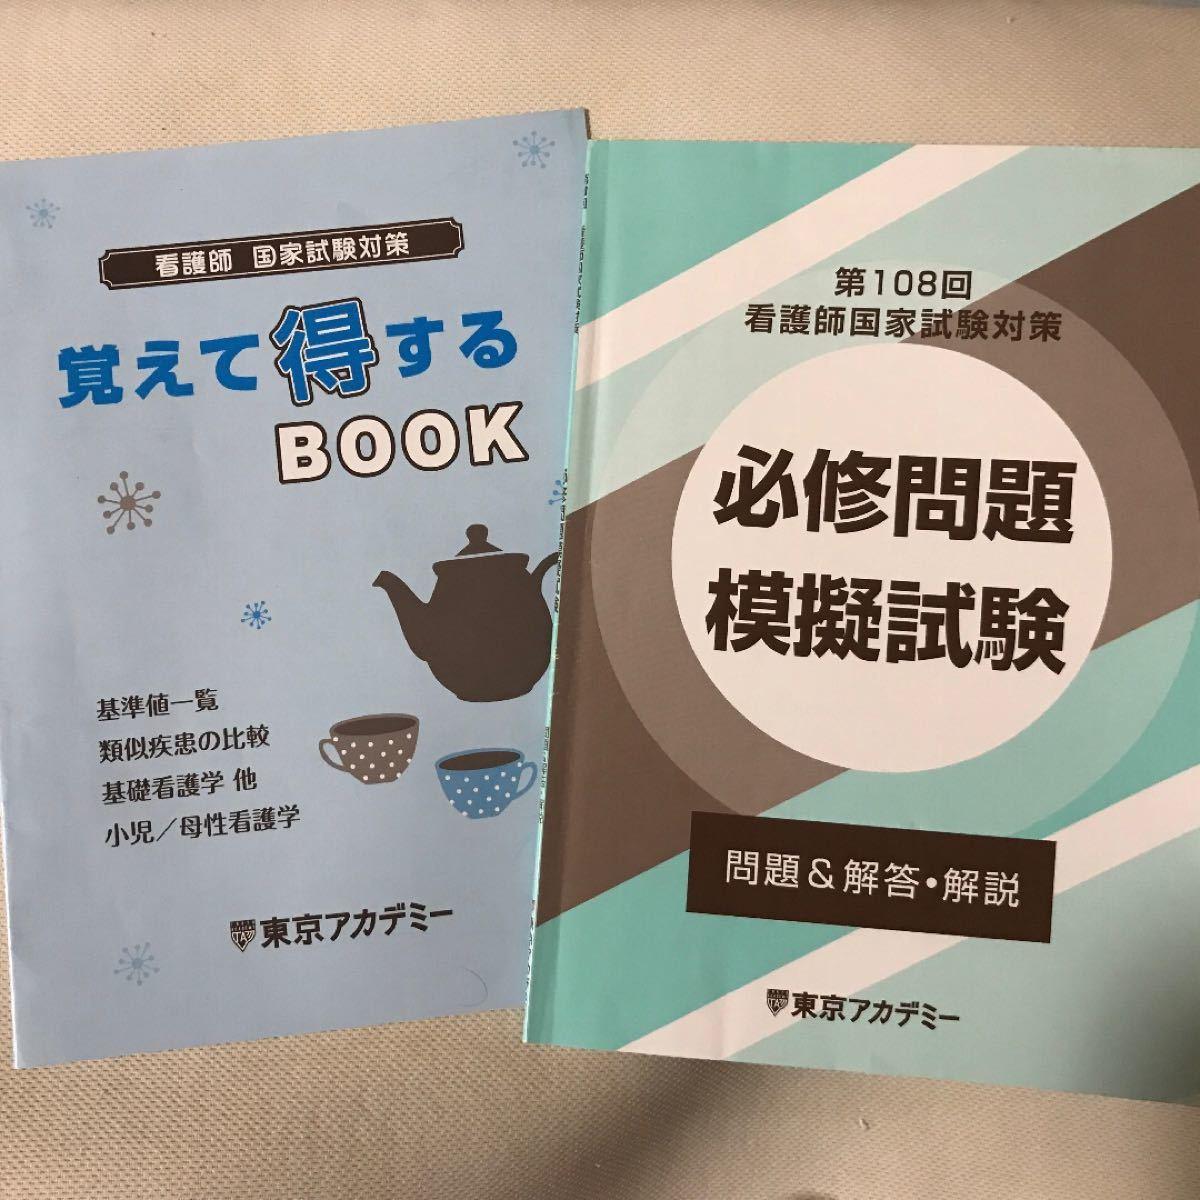 必修問題模擬試験+覚えて得するbook